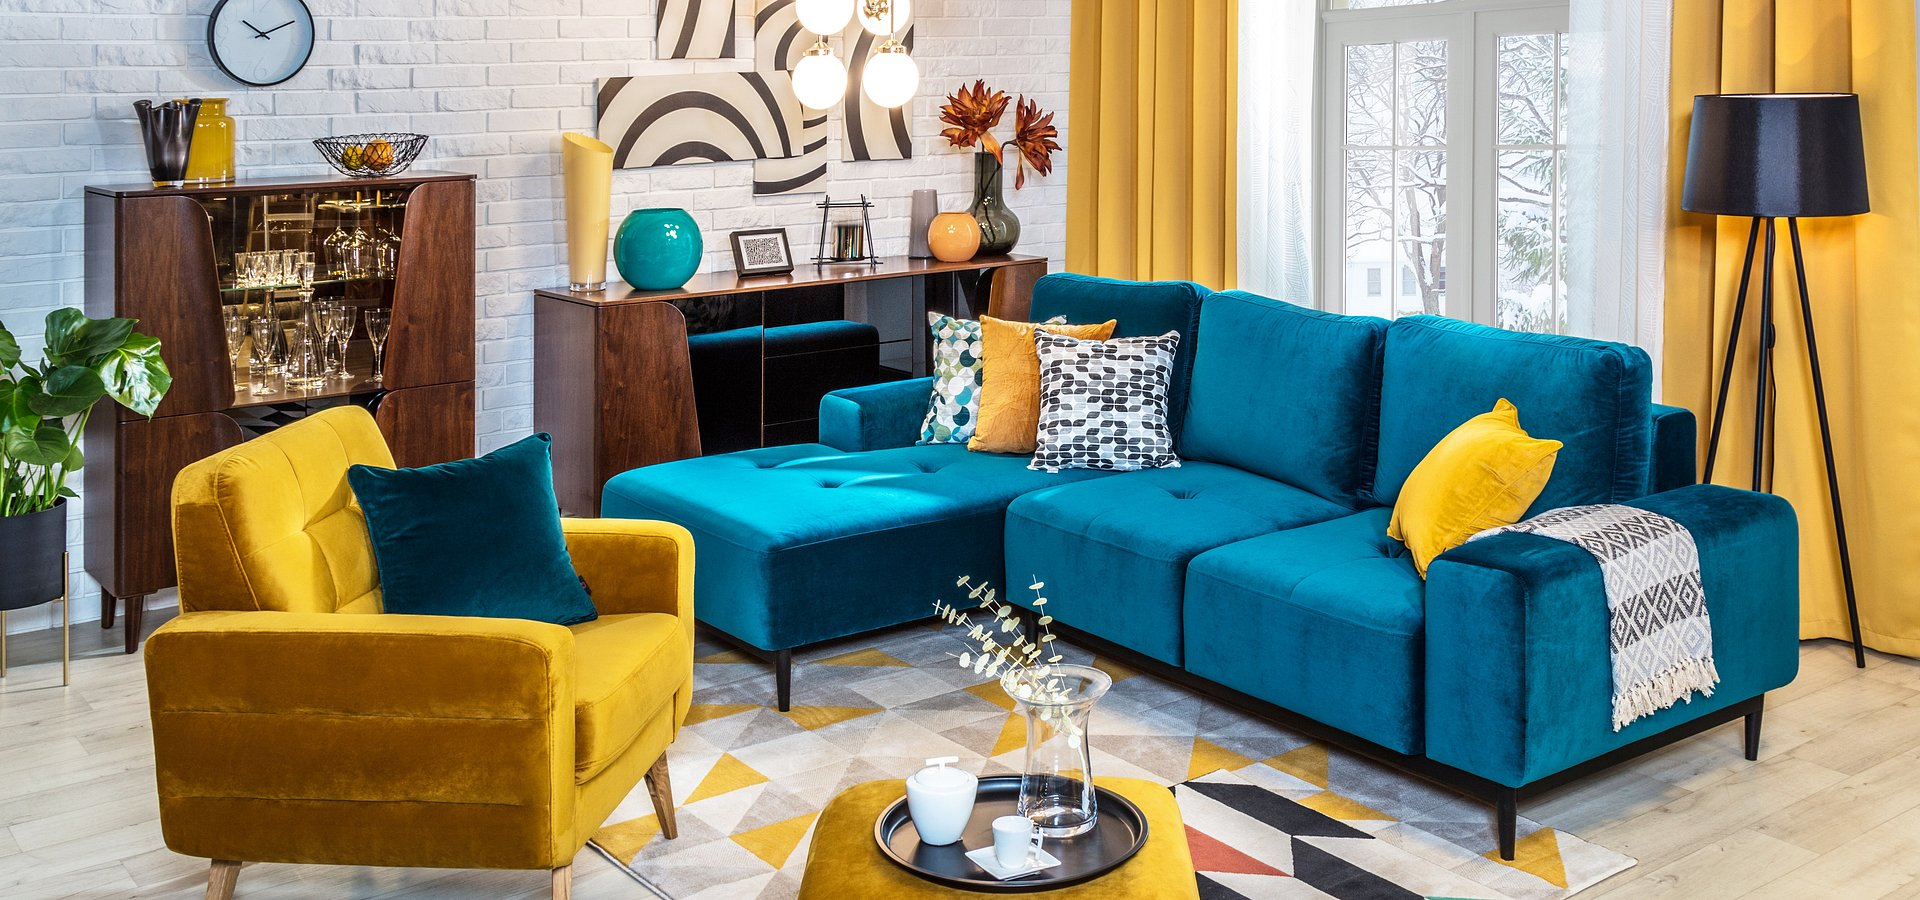 3 pomysły na aranżacje w stylu mid-century modern – radzi ekspert salonów Agata